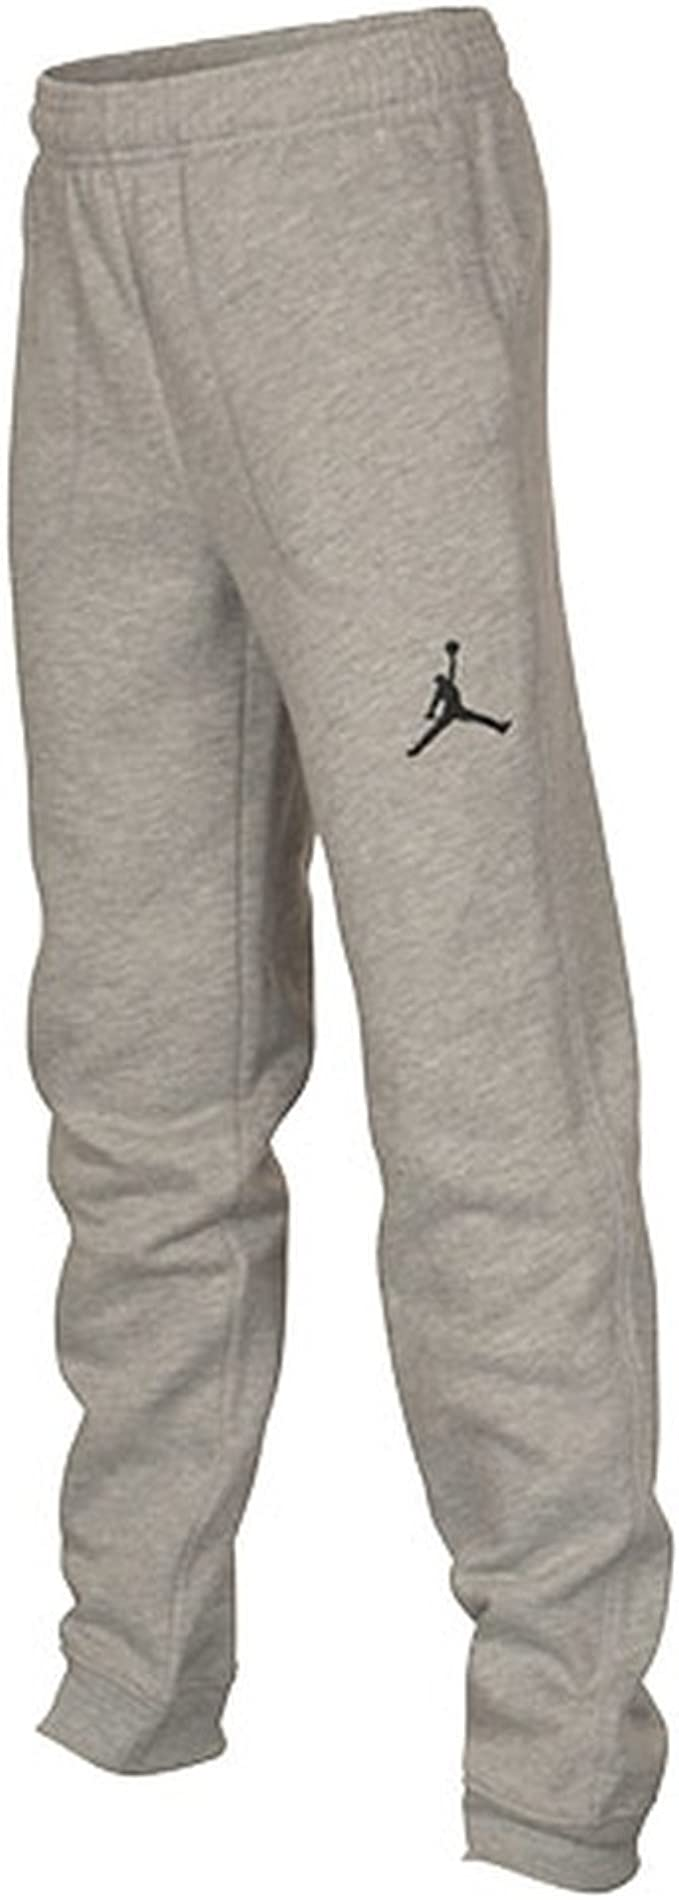 Boys Jordan Fleece Jogger Pants: Amazon.es: Deportes y aire libre